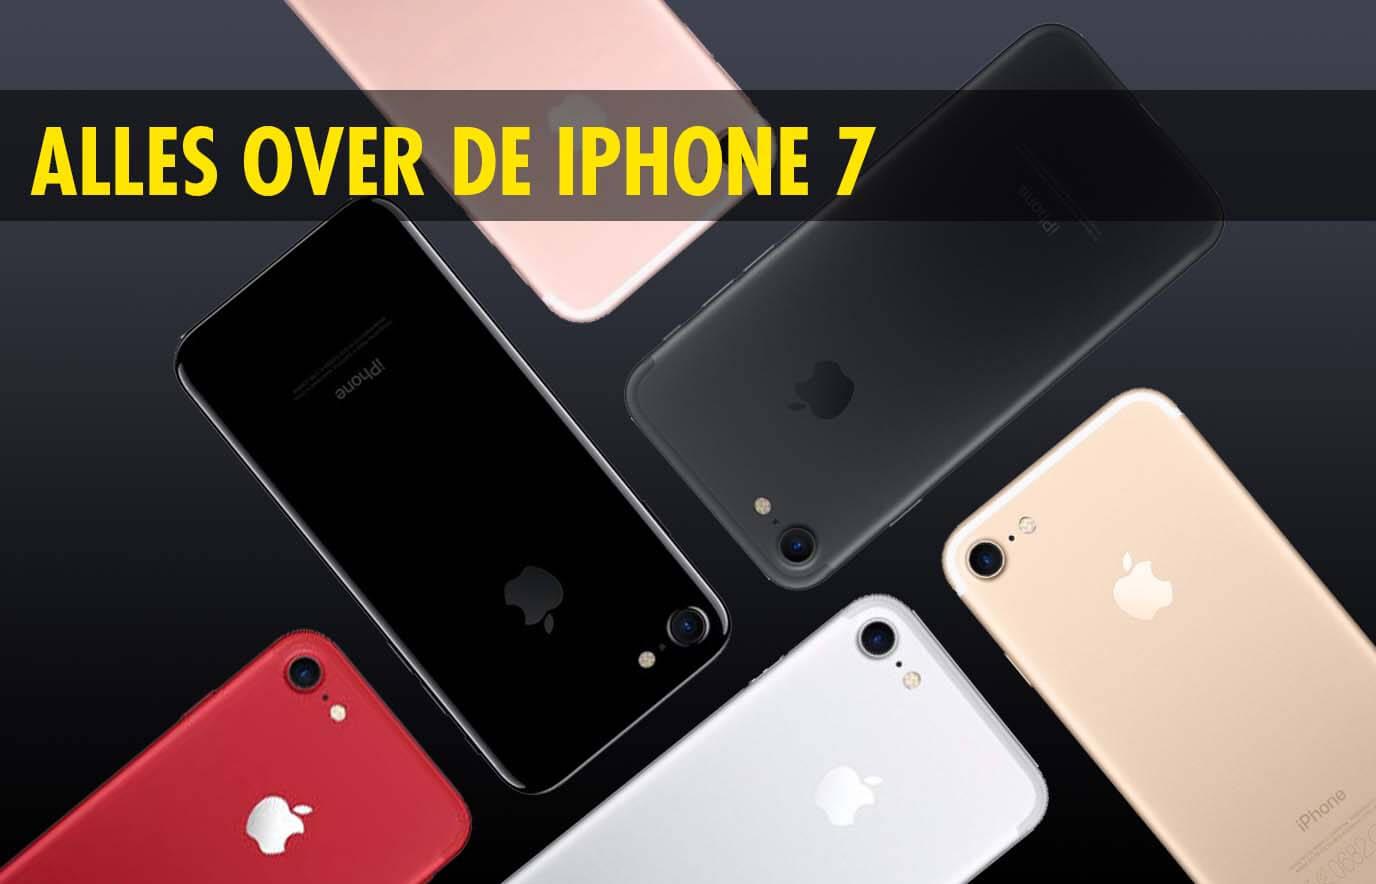 Refurbished iPhone 7 kopen? Hier vind je alles wat je vooraf wilt weten!